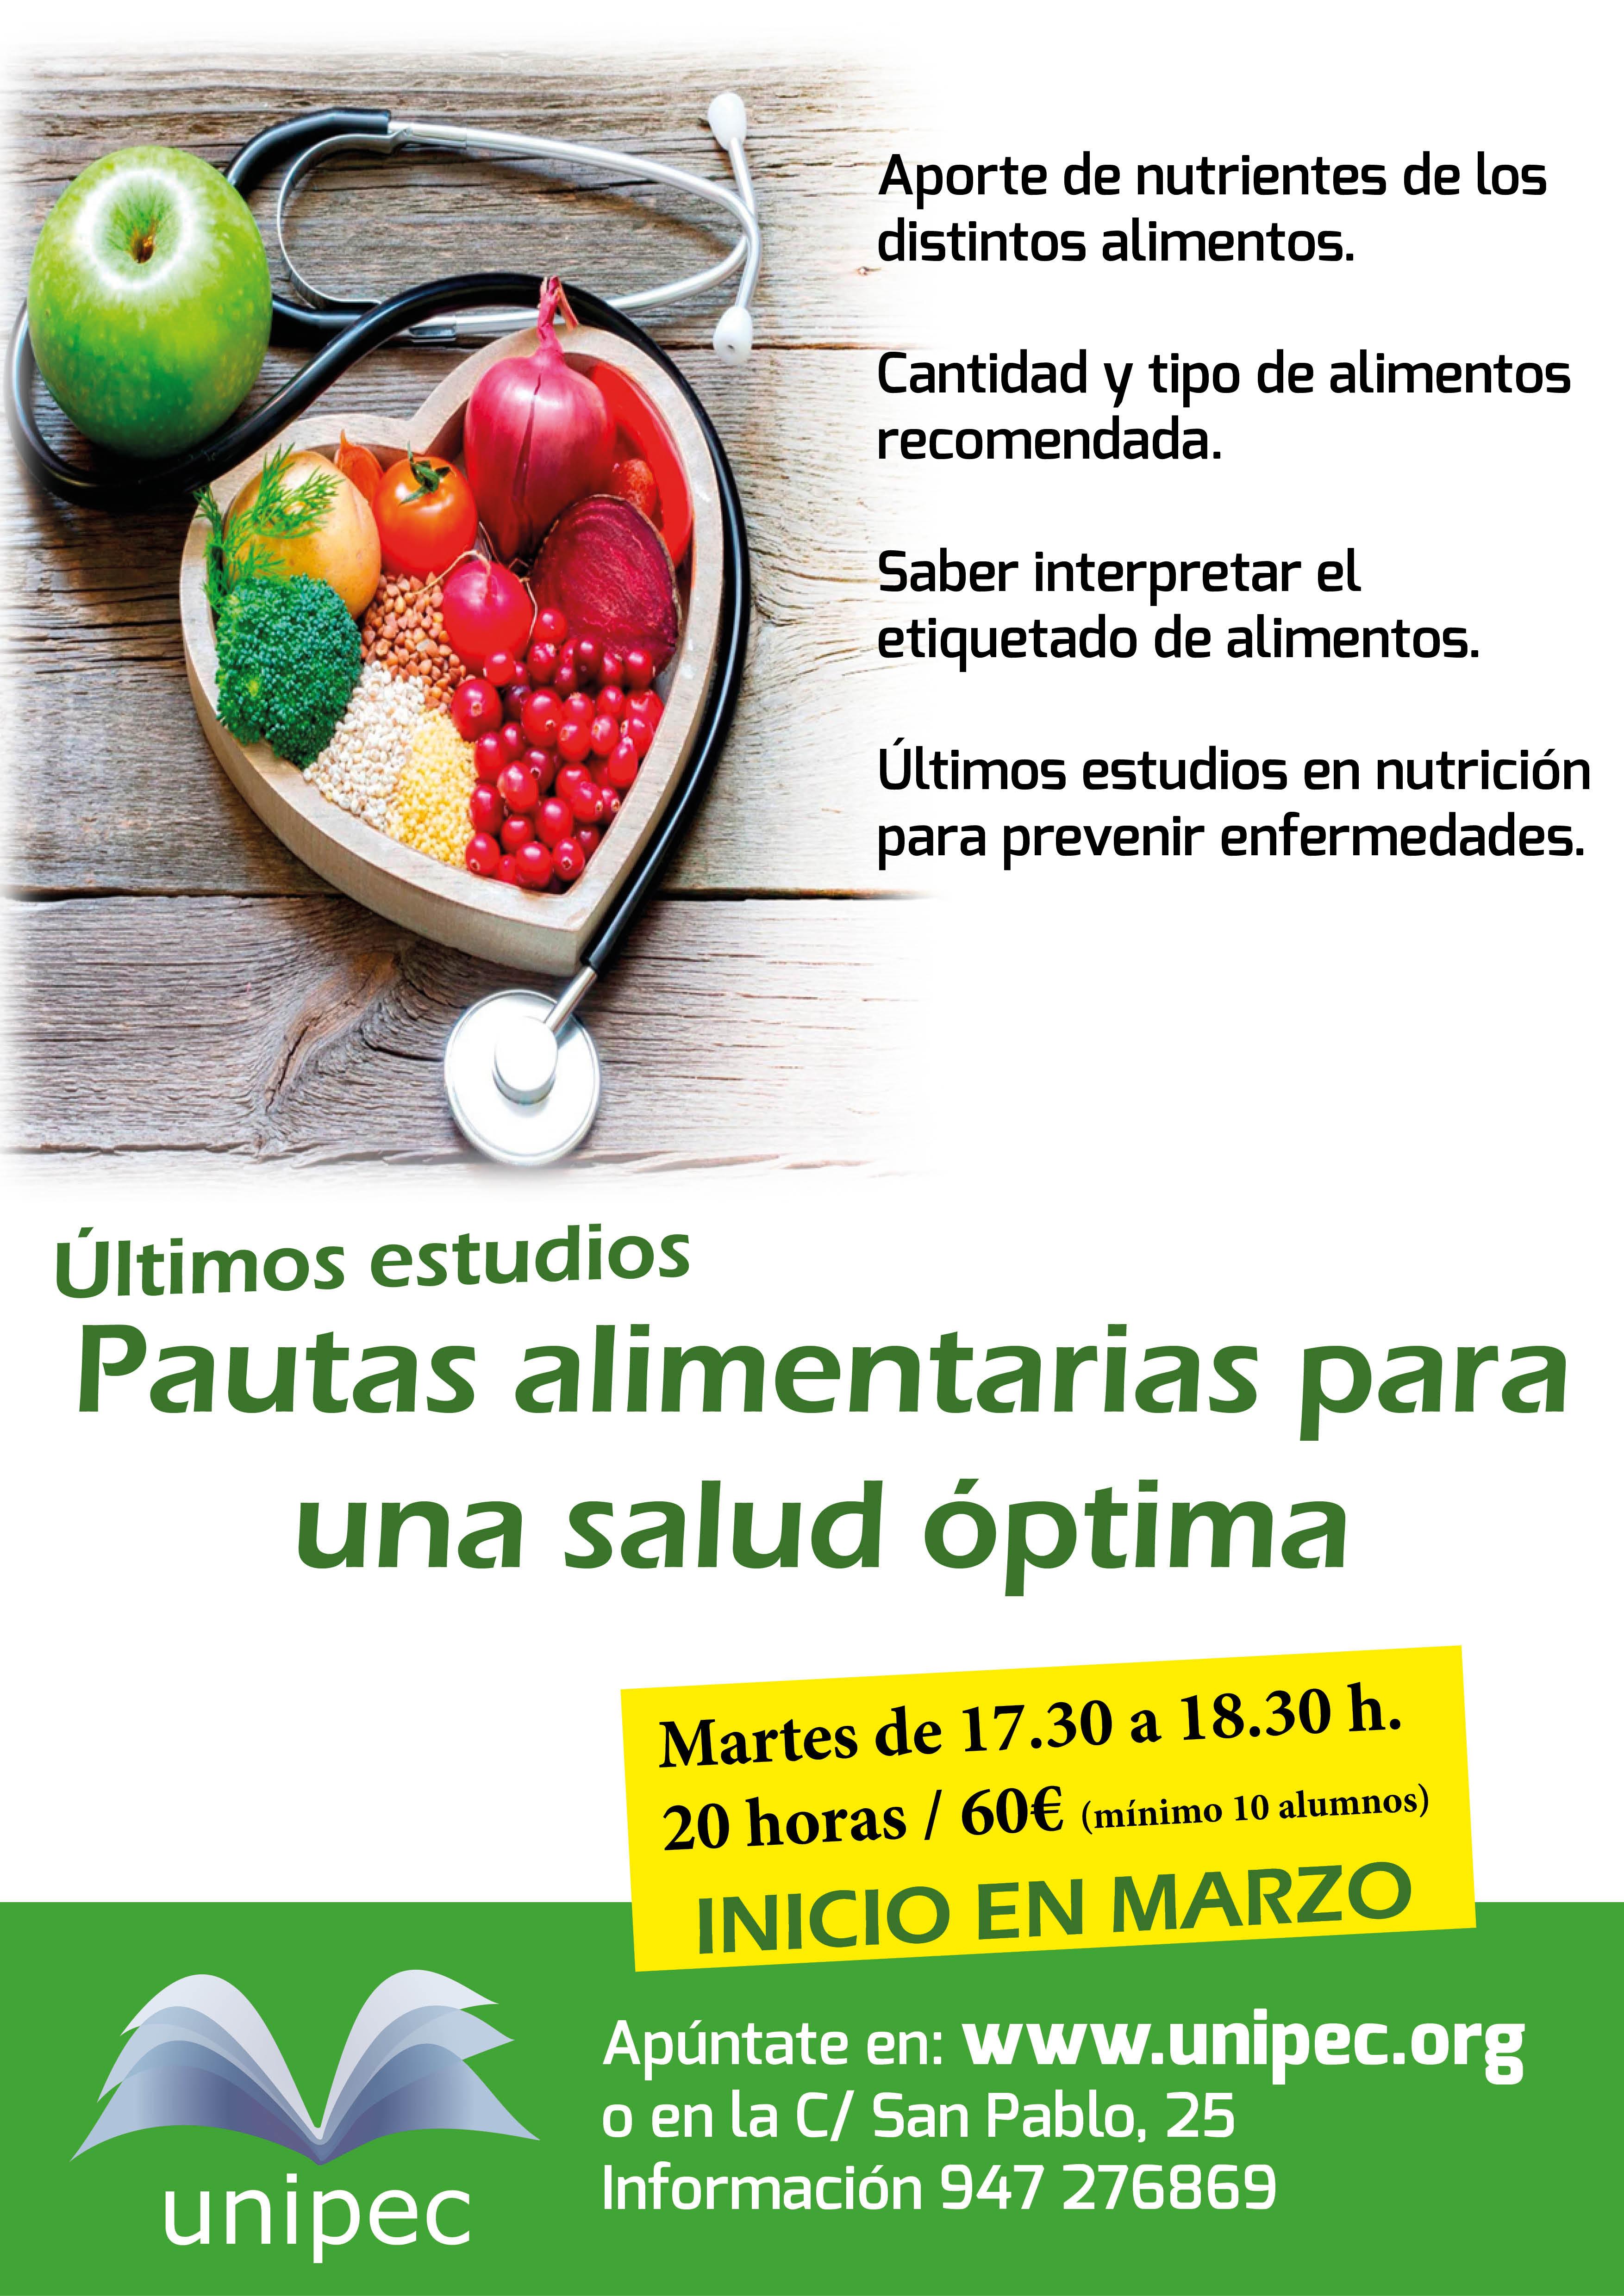 Pautas alimentarias para una salud optima